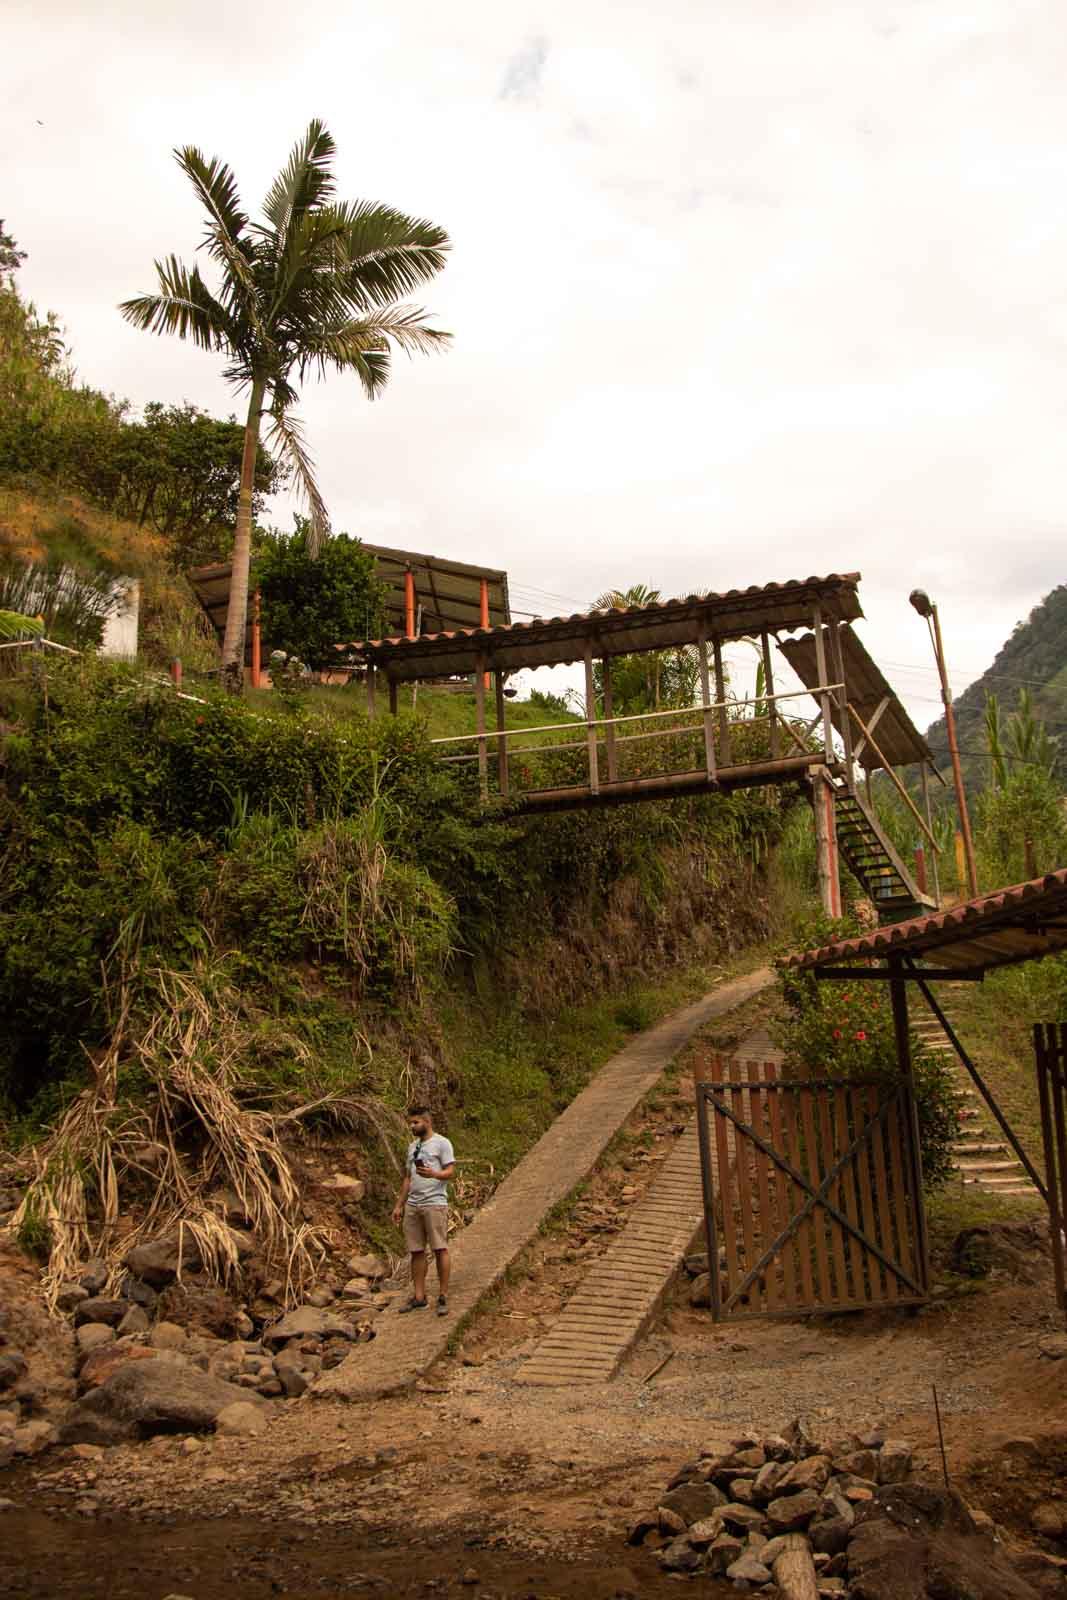 La Cueva de los Guacharos in Jardin, Colombia.